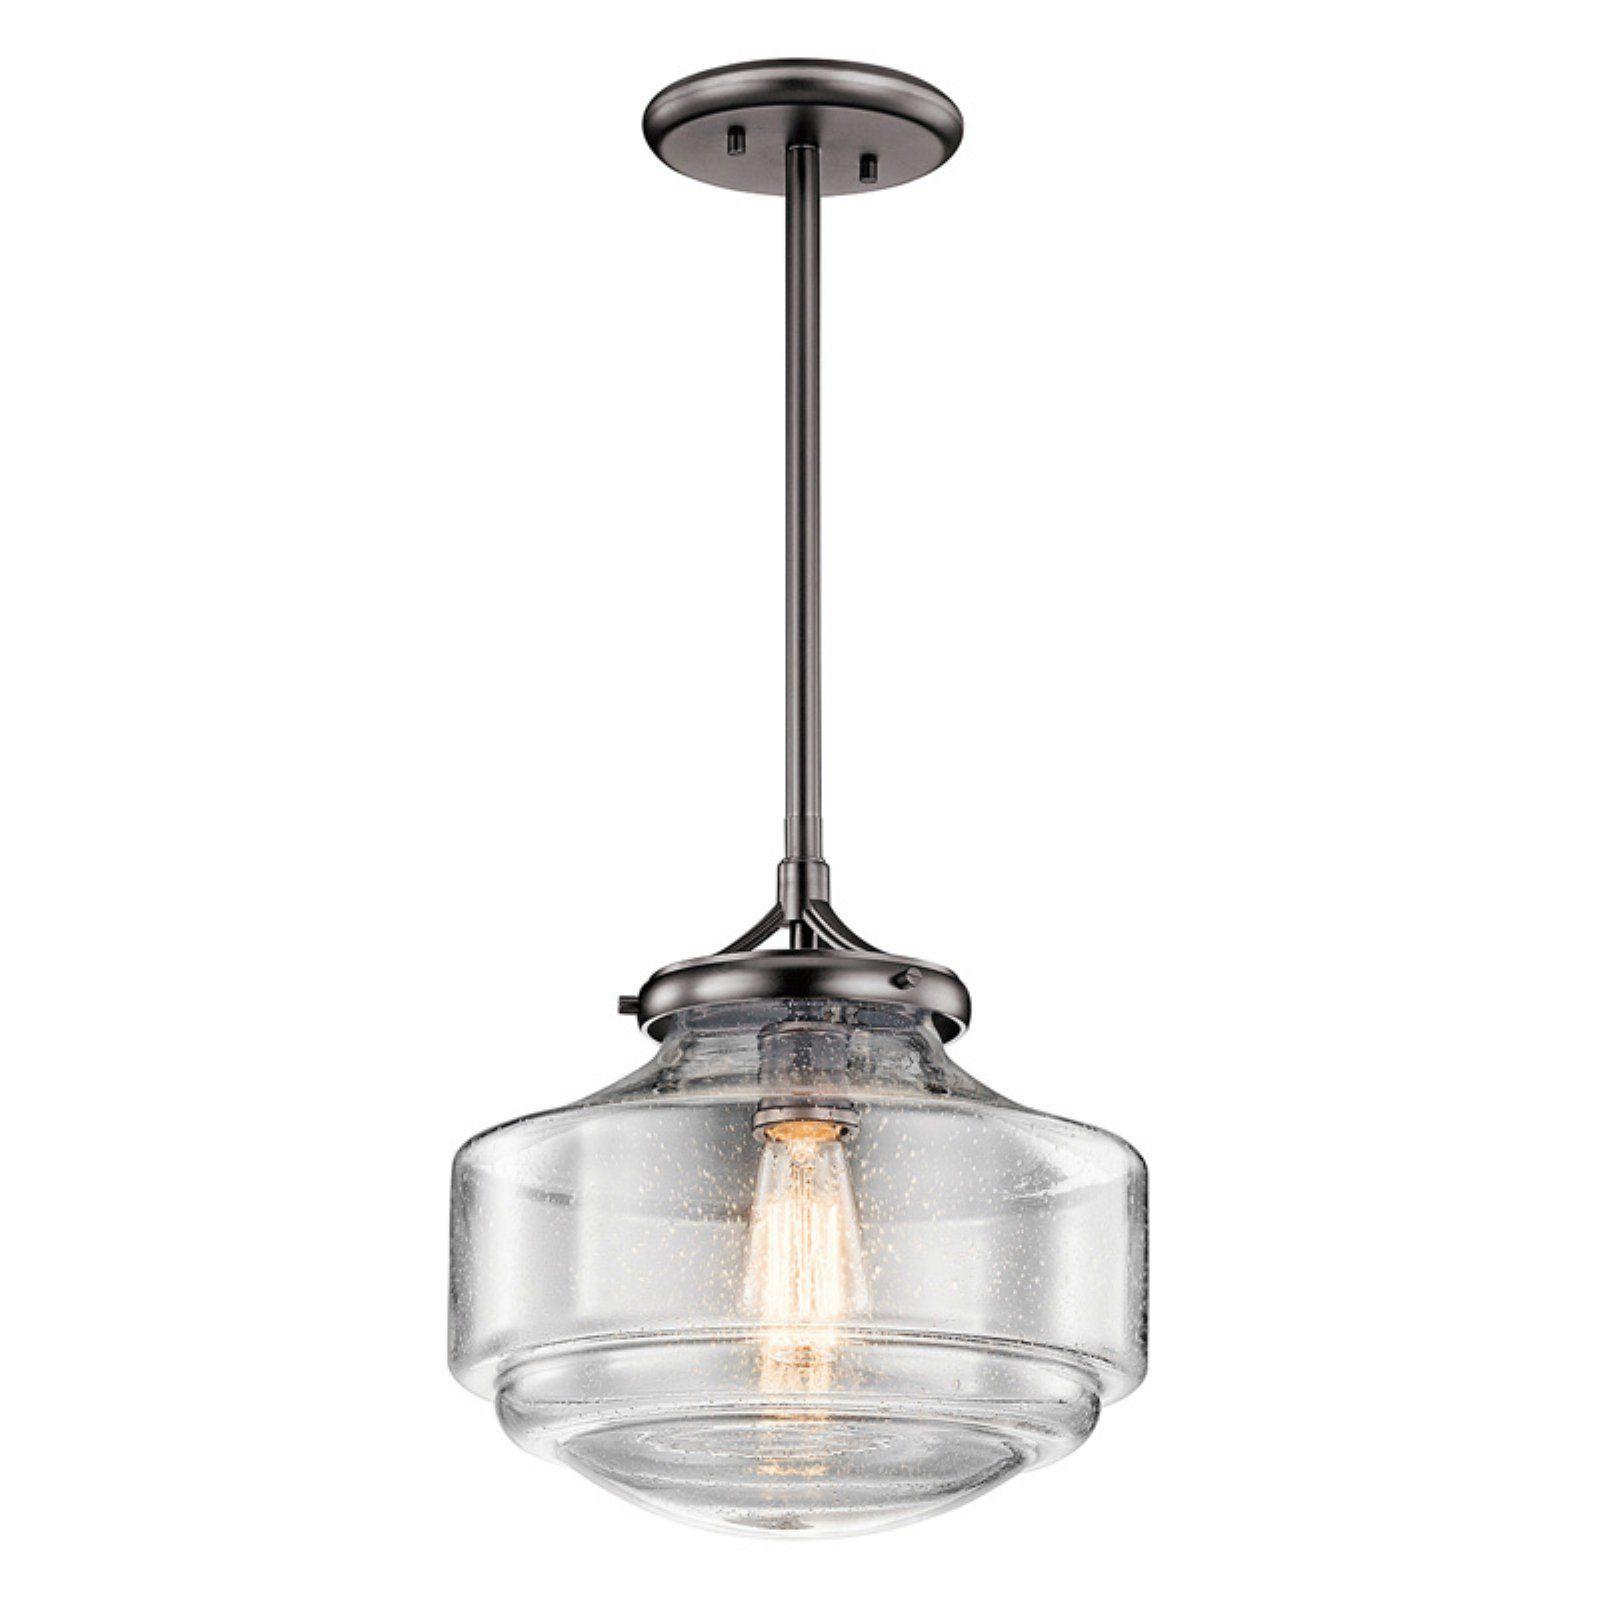 Kichler Keller 43563 Pendant Light Craftsman Lighting Modern